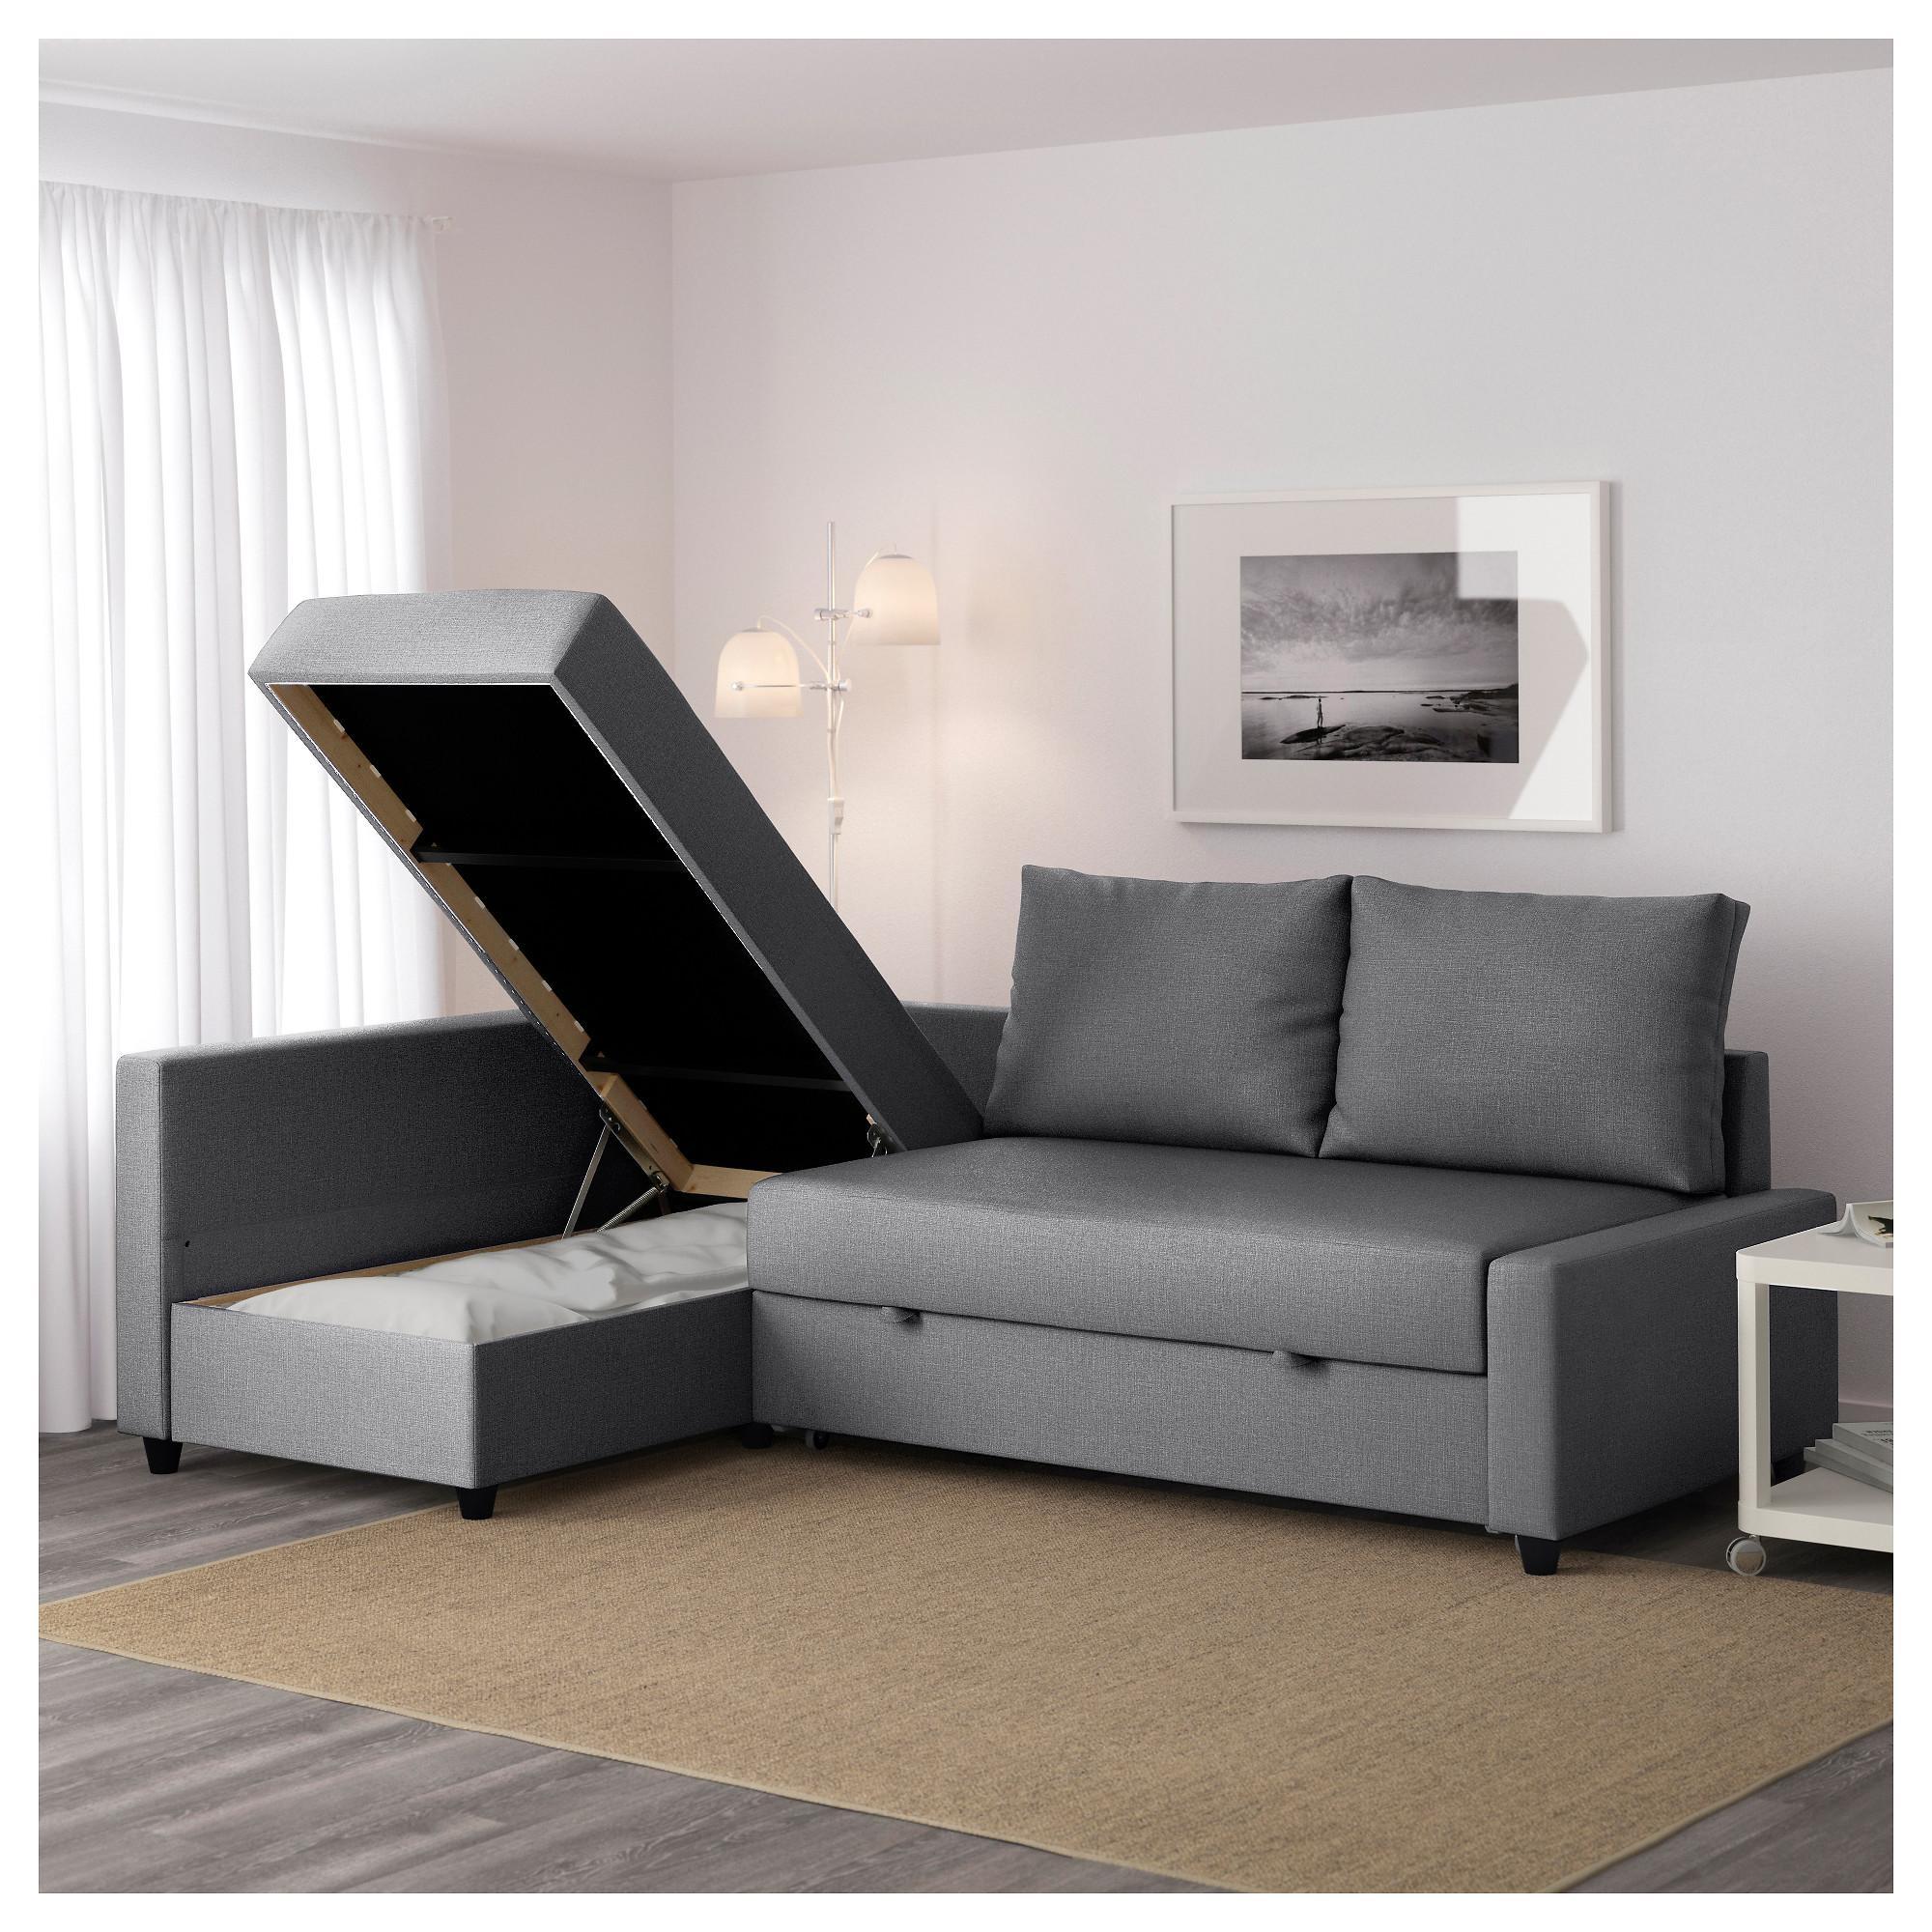 Friheten Corner Sofa Bed With Storage Skiftebo Dark Grey – Ikea Pertaining To Corner Sofa Beds (View 11 of 20)